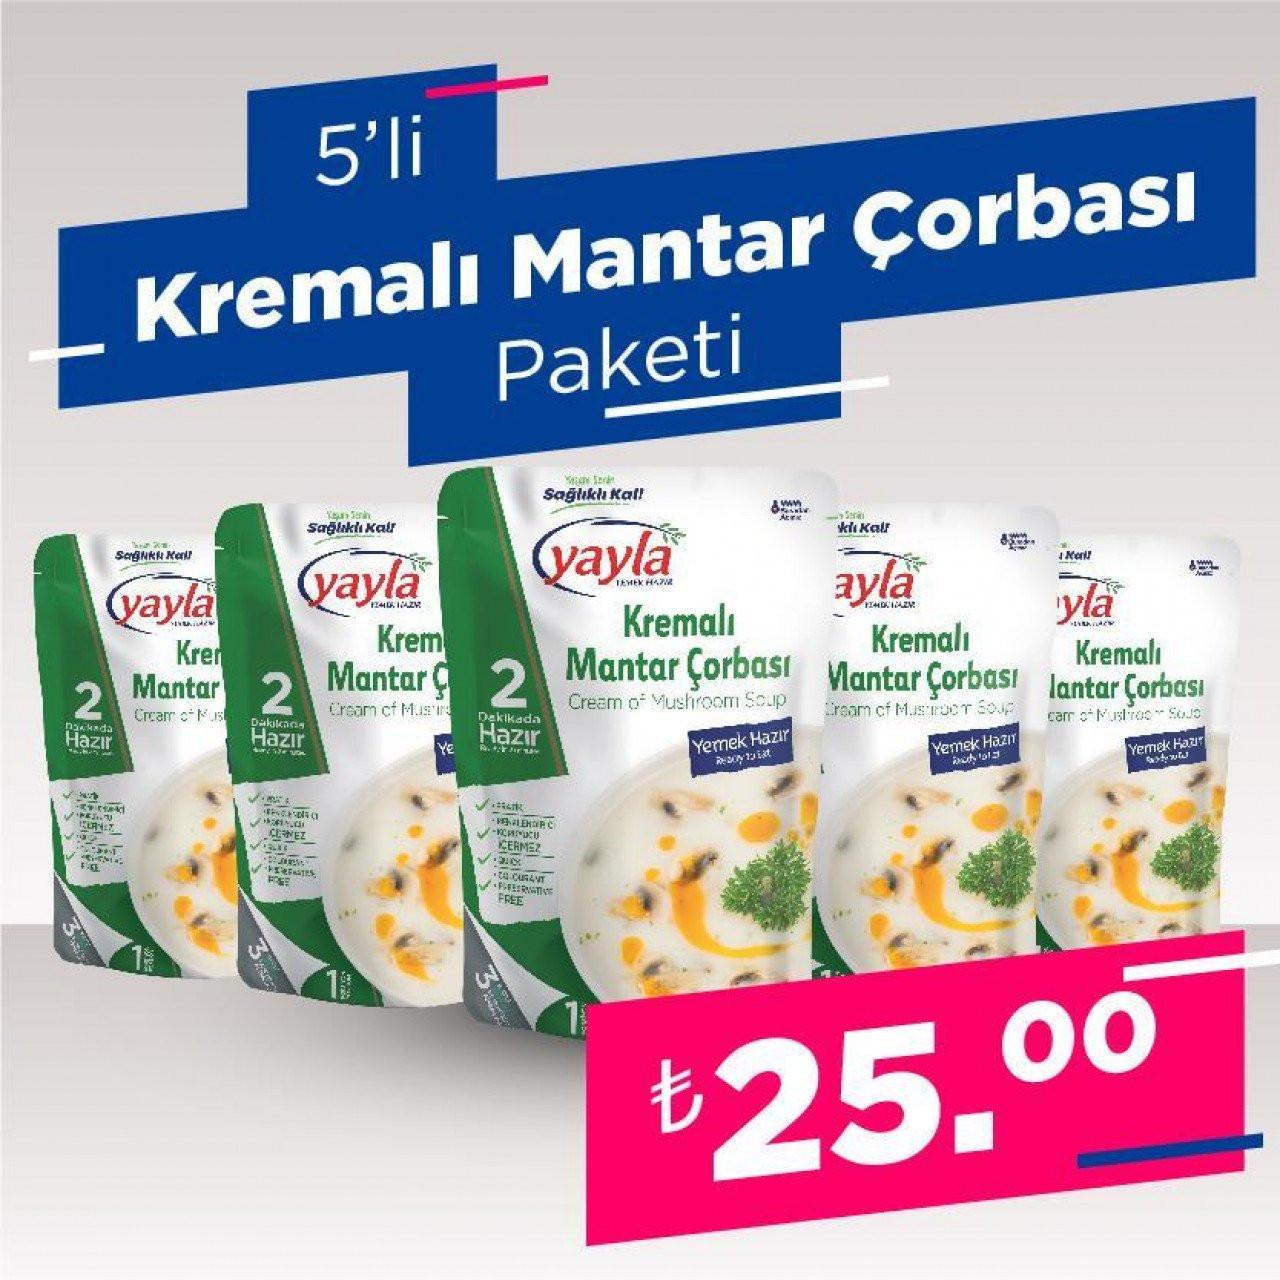 5'Li Kremalı Mantar Çorbası Paketi